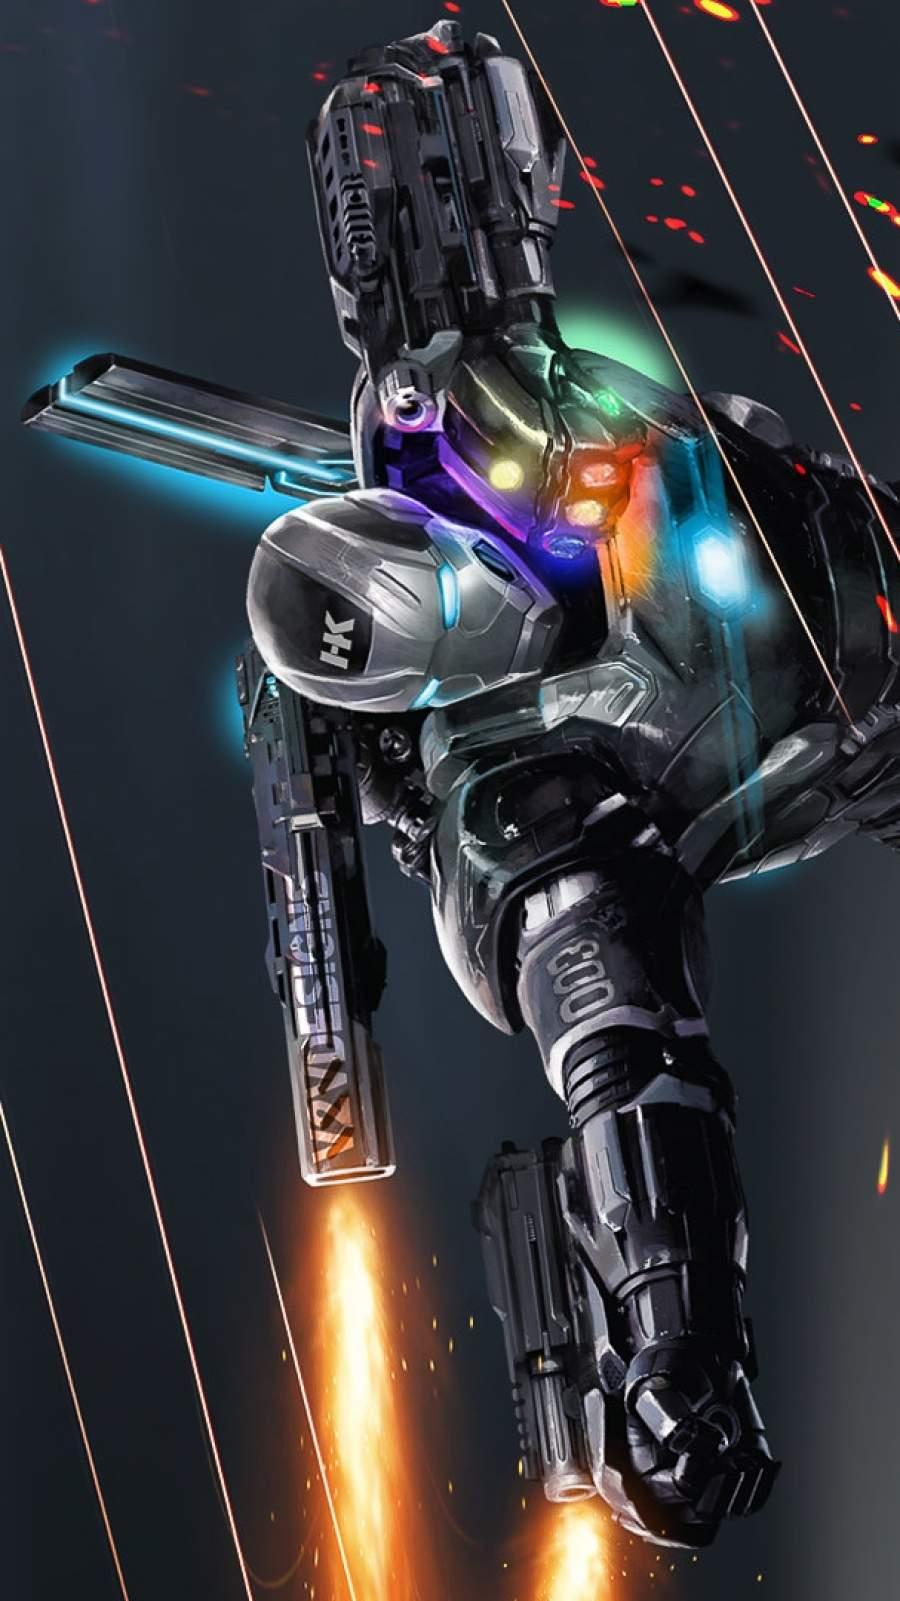 War Machine Infinity Stones iPhone Wallpaper